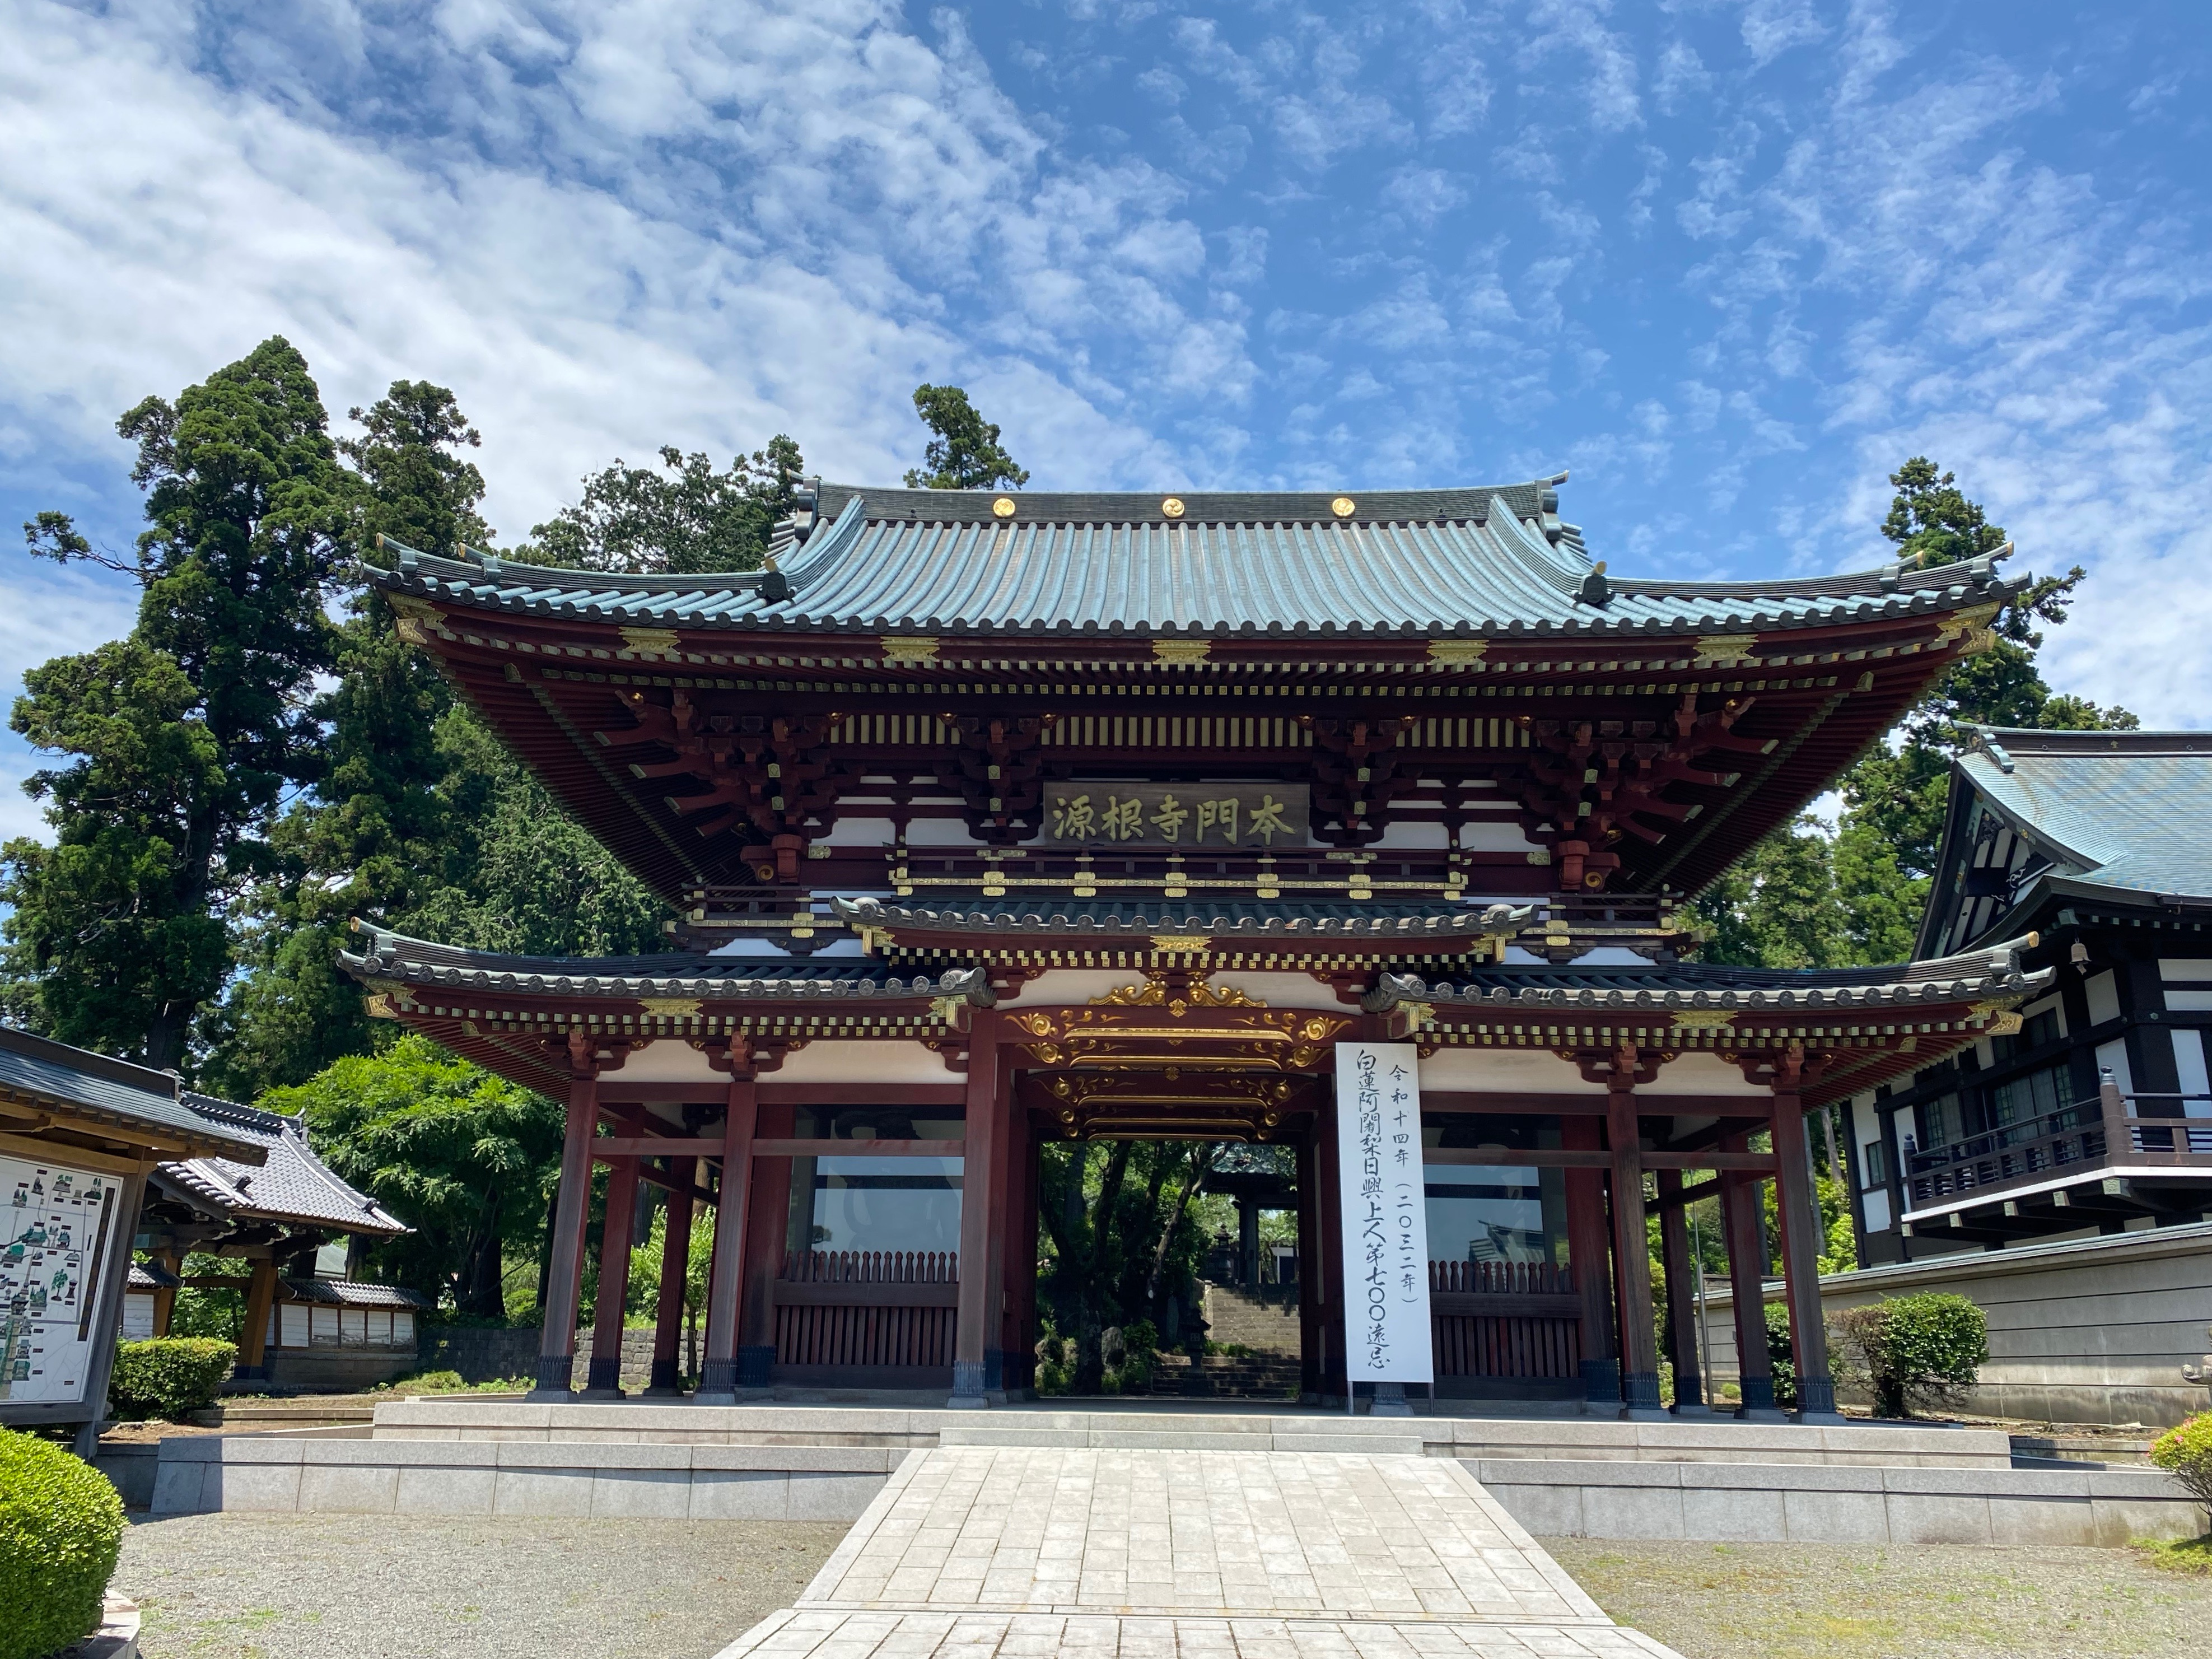 大本山 本門寺